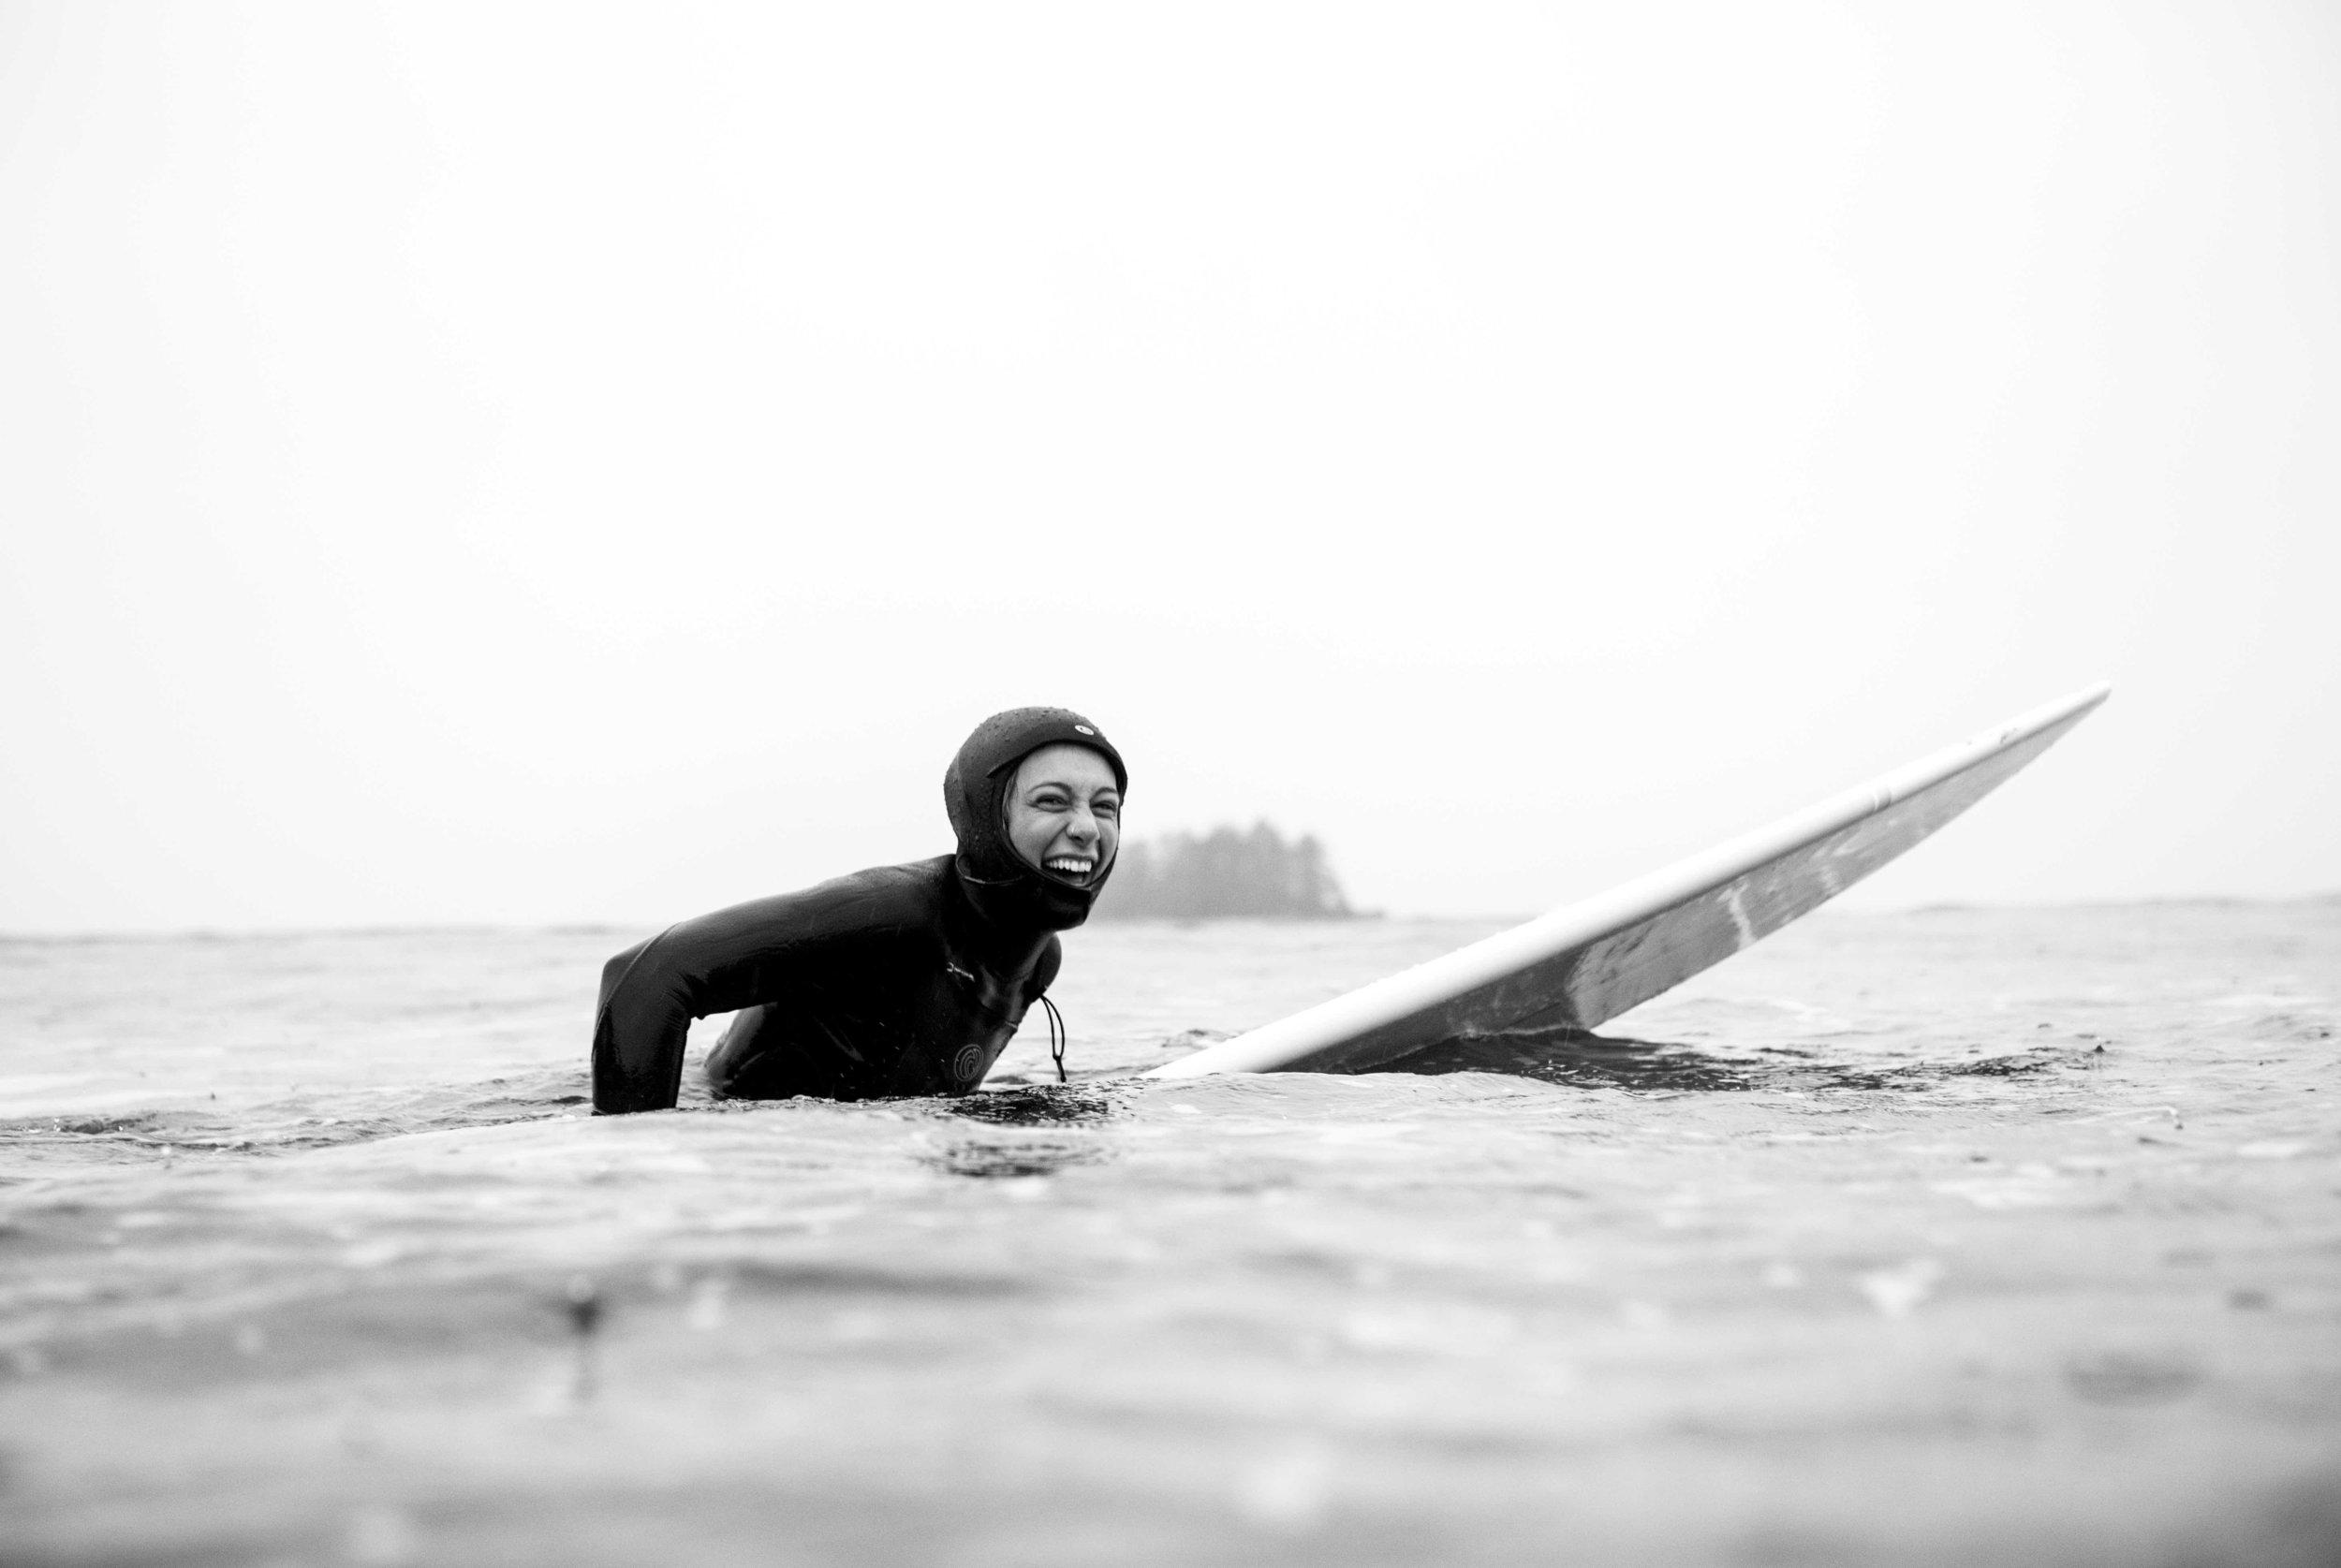 women's surf film festival bryanna bradley lava girl surf